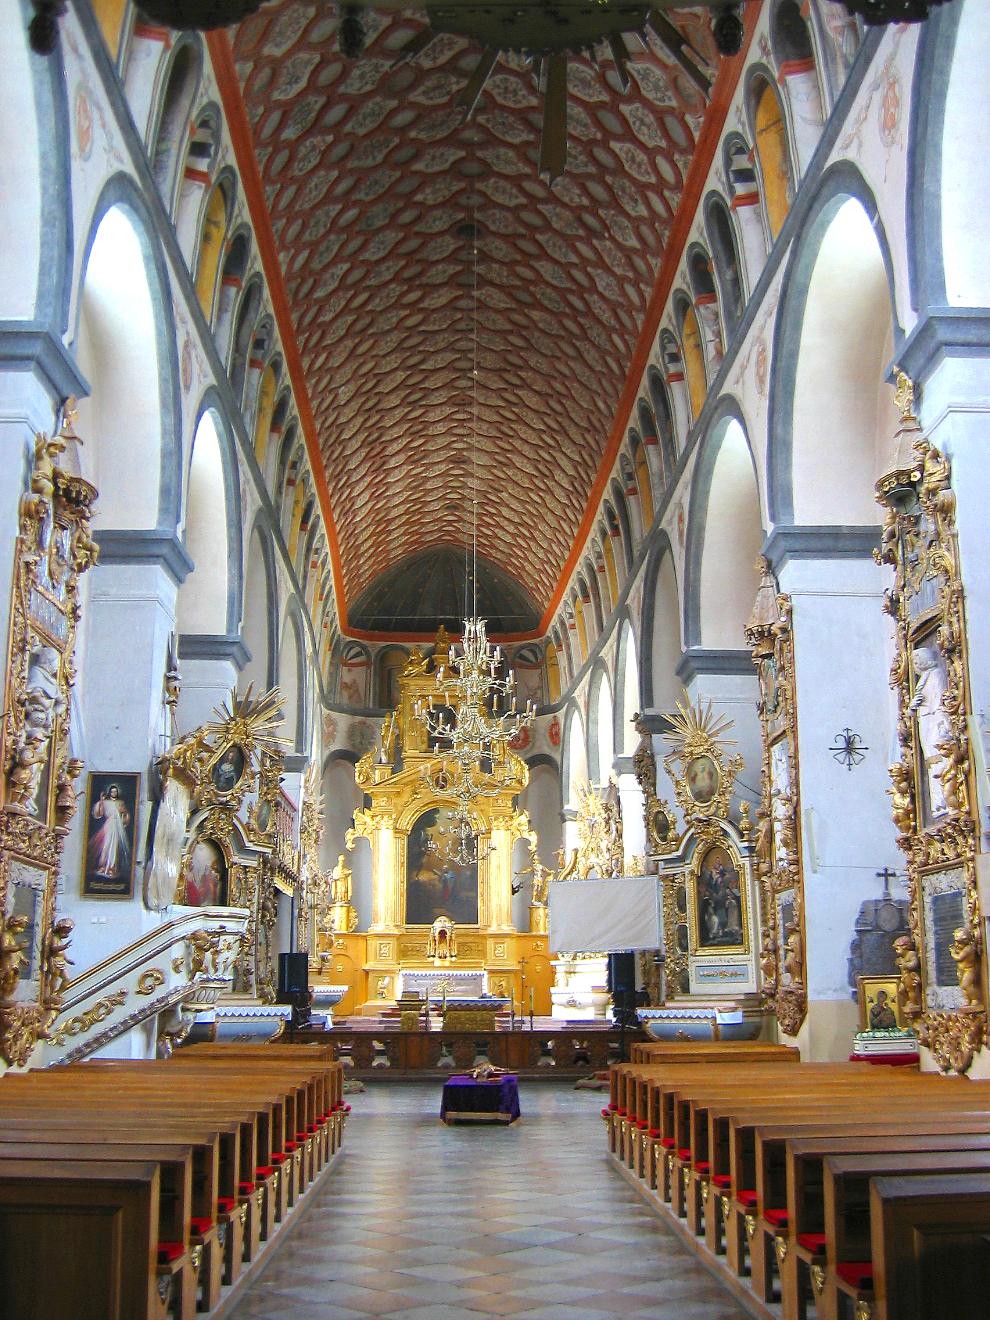 Kościół kolegiacki wPułtusku - sklepienie Kościół kolegiacki wPułtusku - sklepienie Źródło: Maciej Szczepańczyk, Wikimedia Commons, licencja: CC BY 3.0.